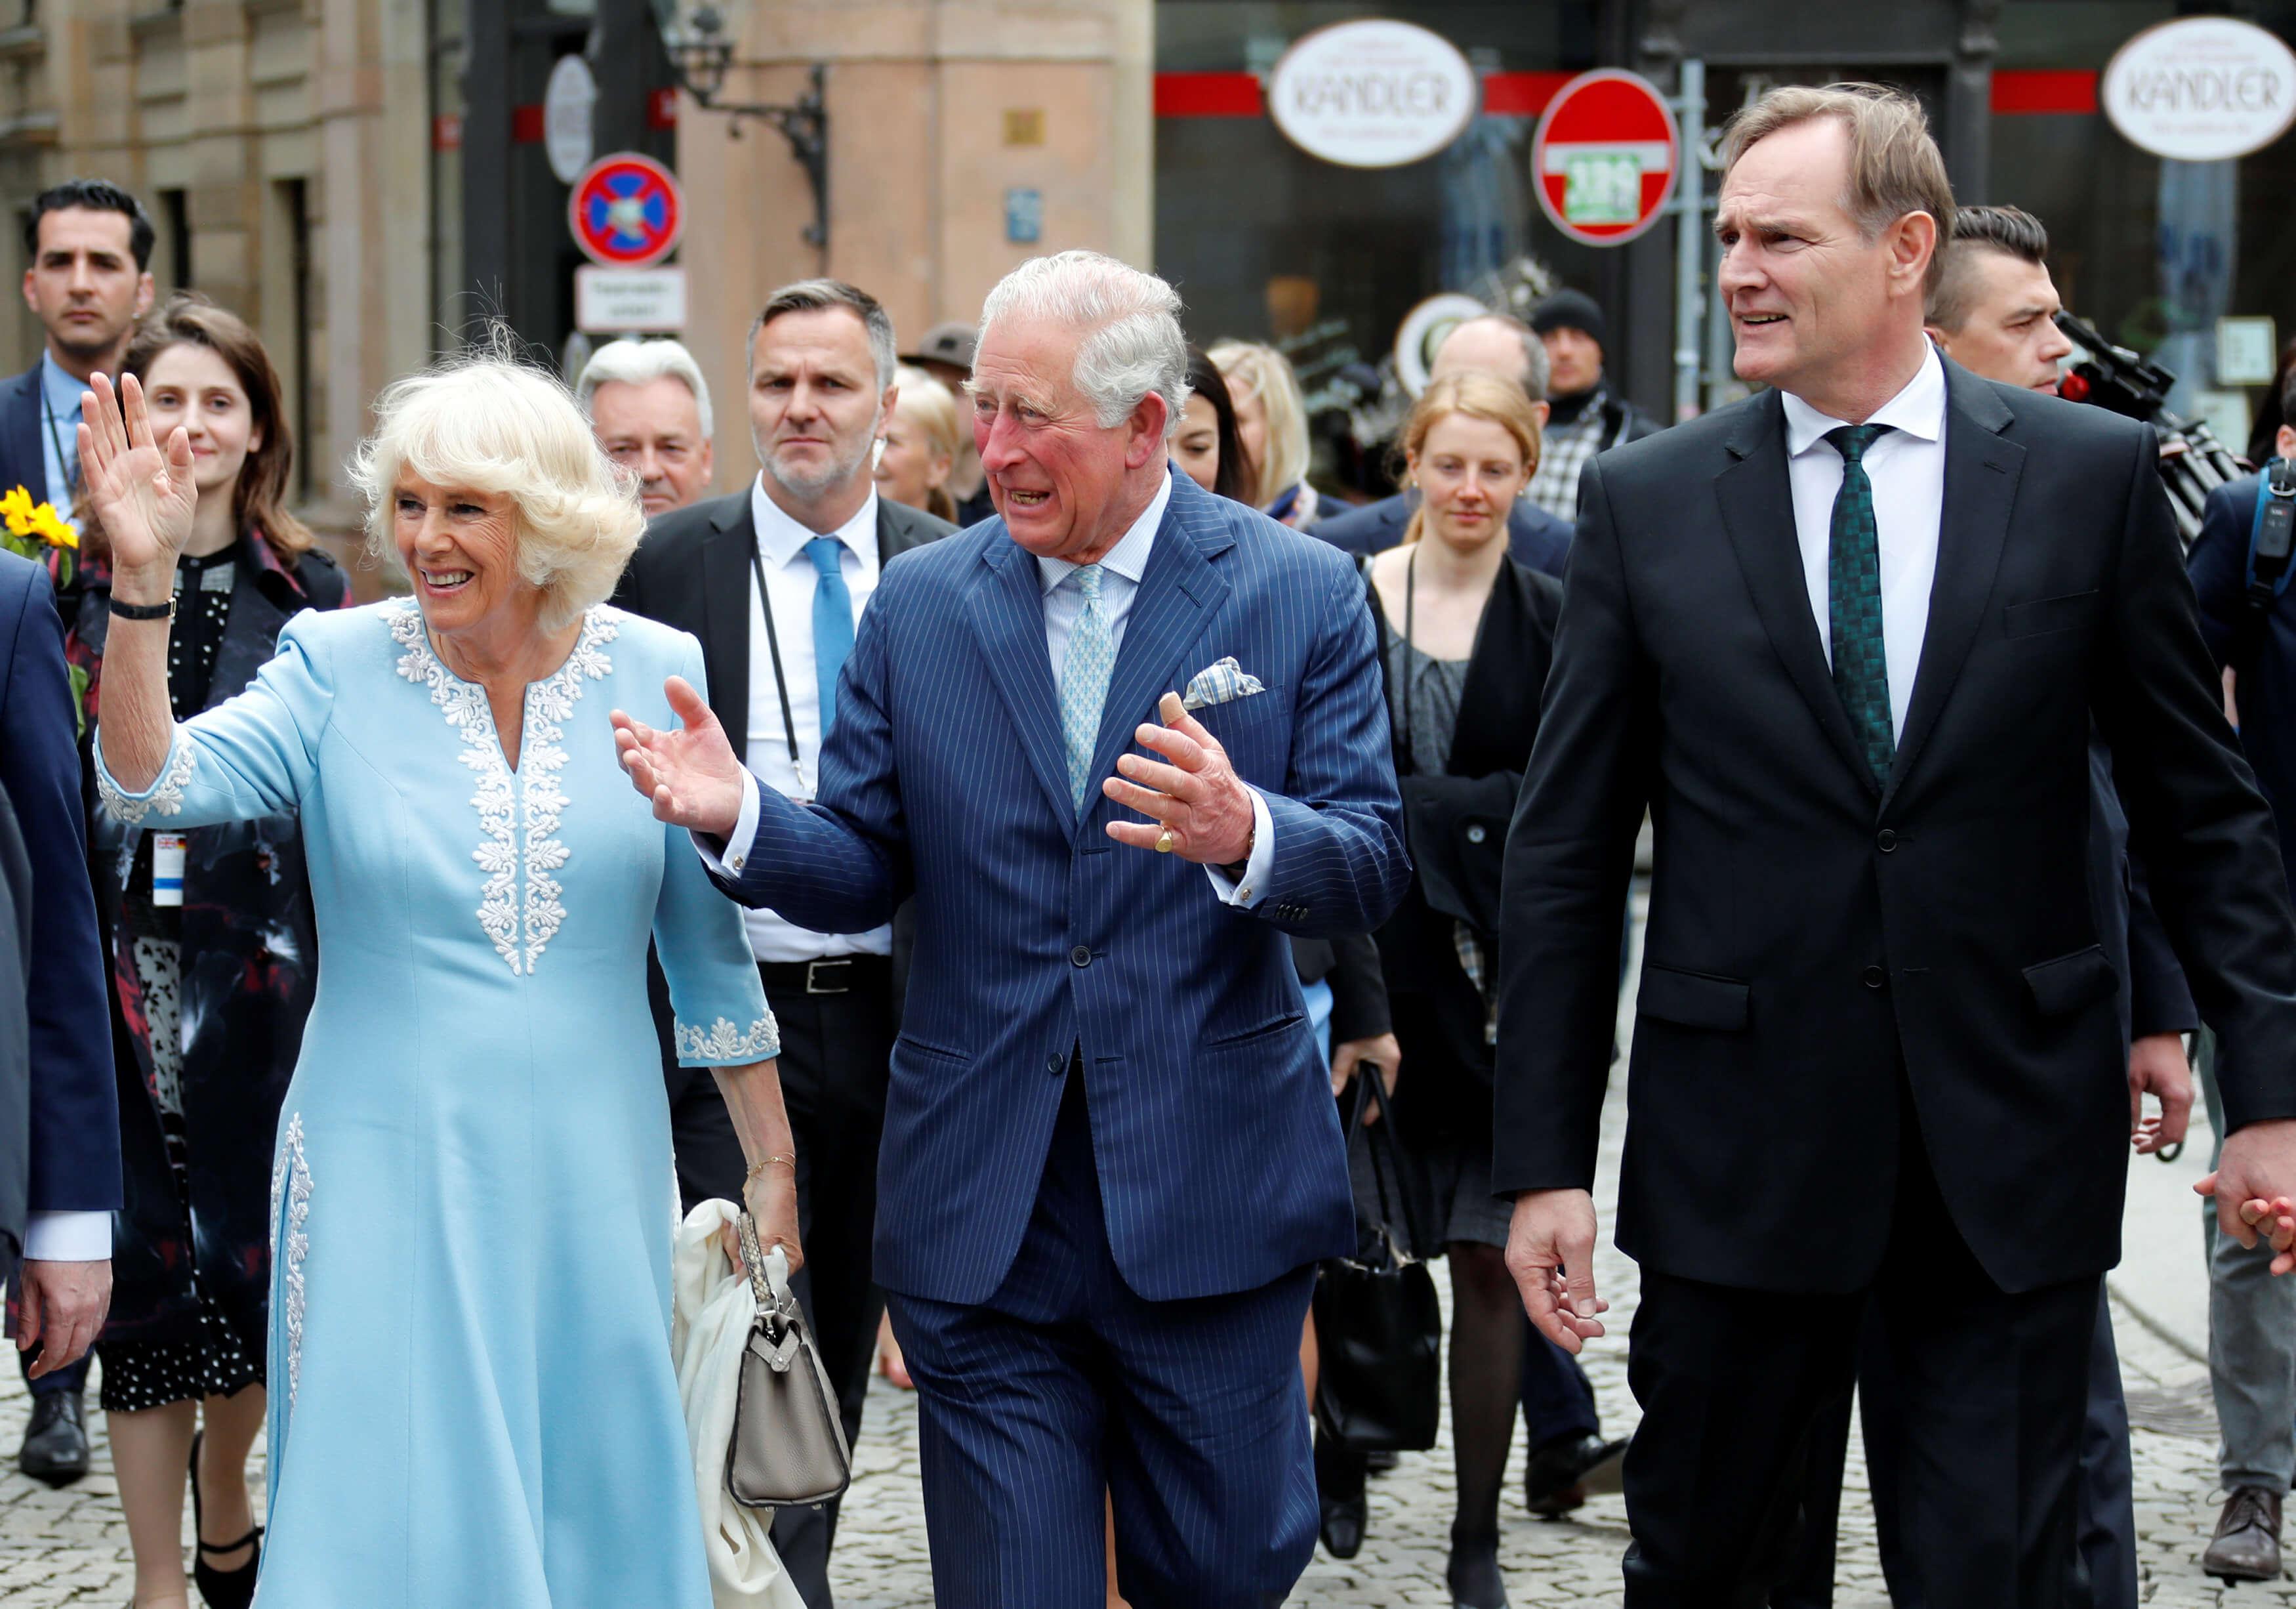 Ο Κάρολος και η Καμίλα δεν είχαν δει φωτογραφία του μωρού της Μέγκαν και του Χάρι!